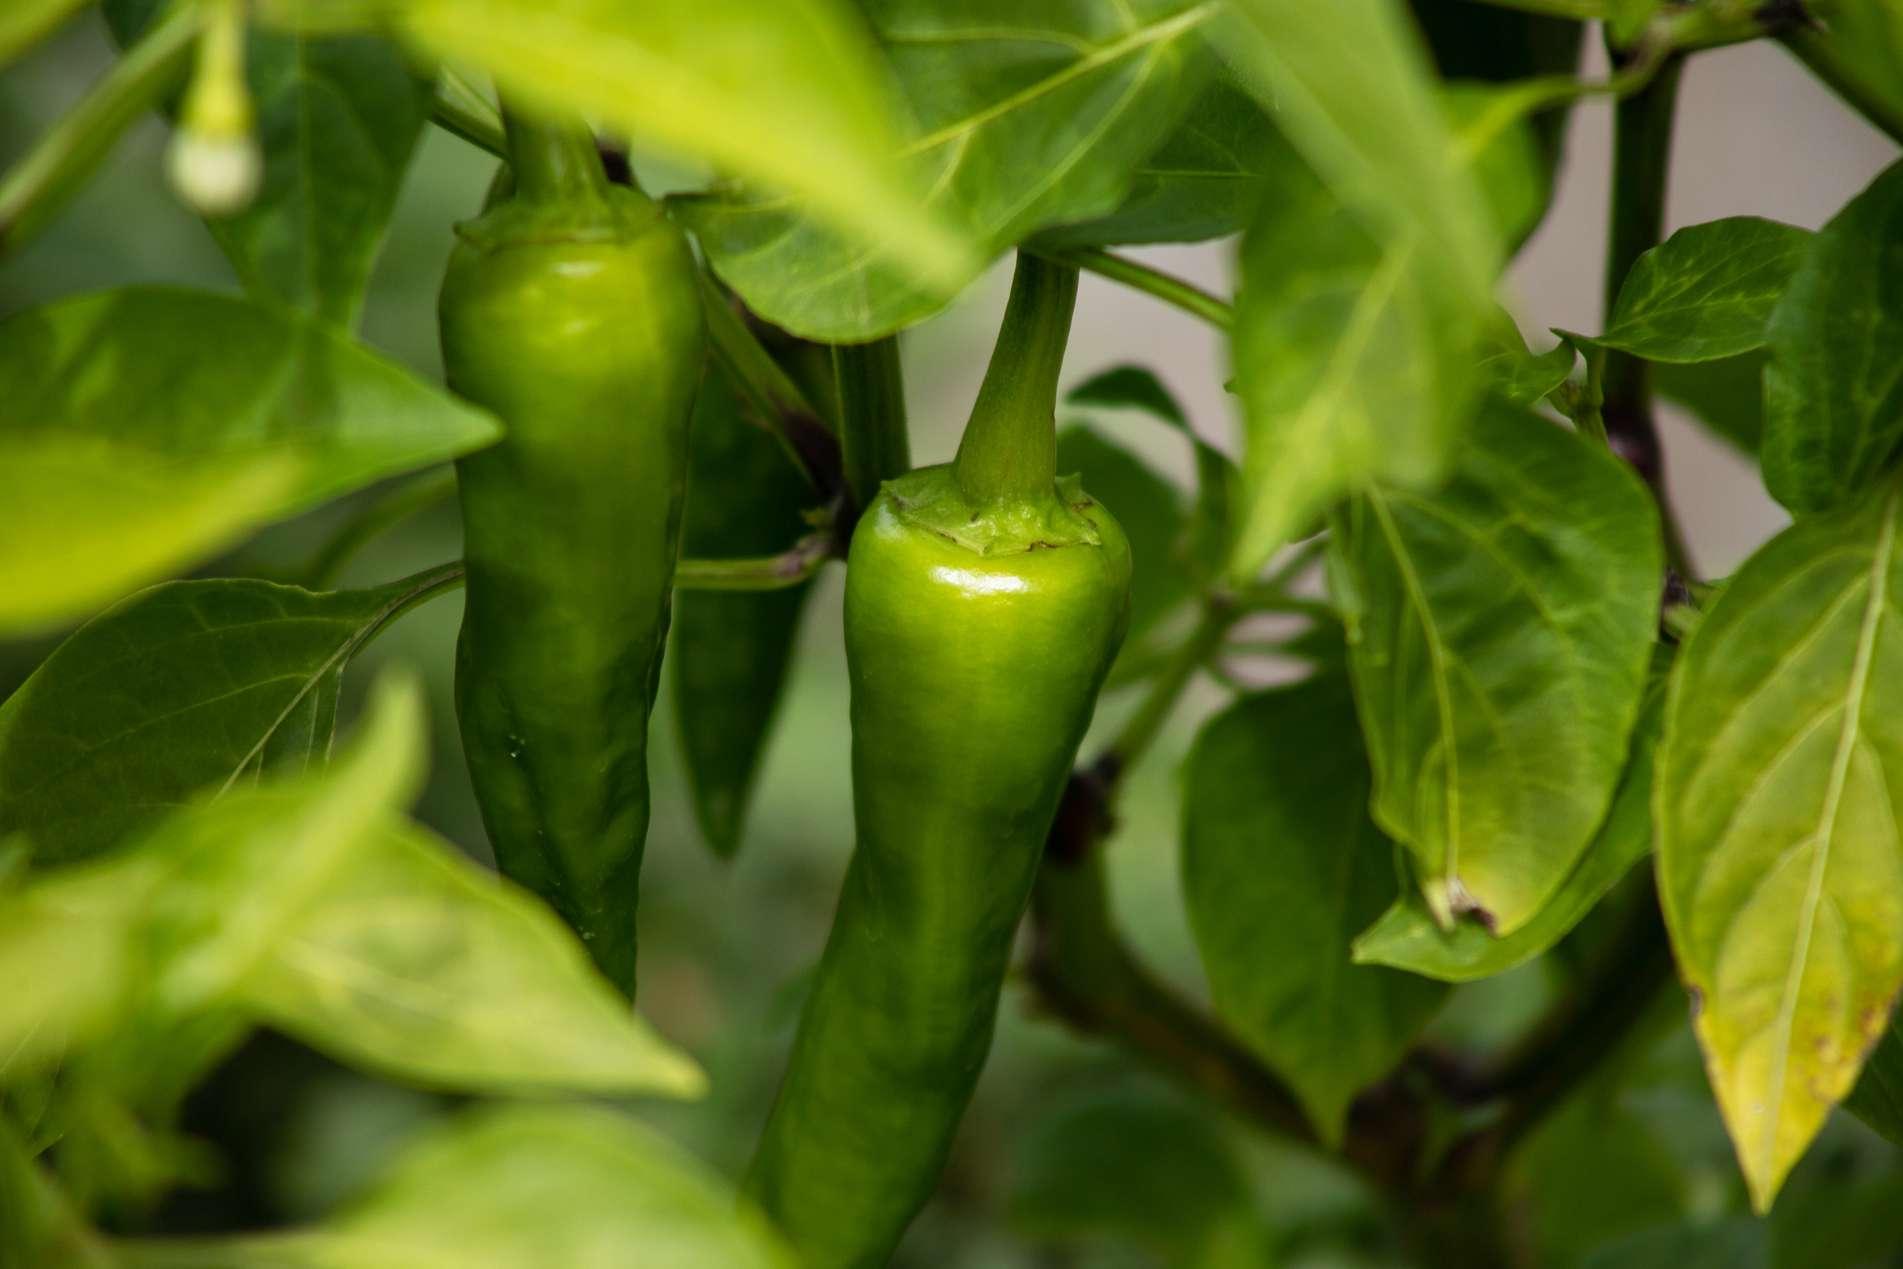 green jalapeño pepper